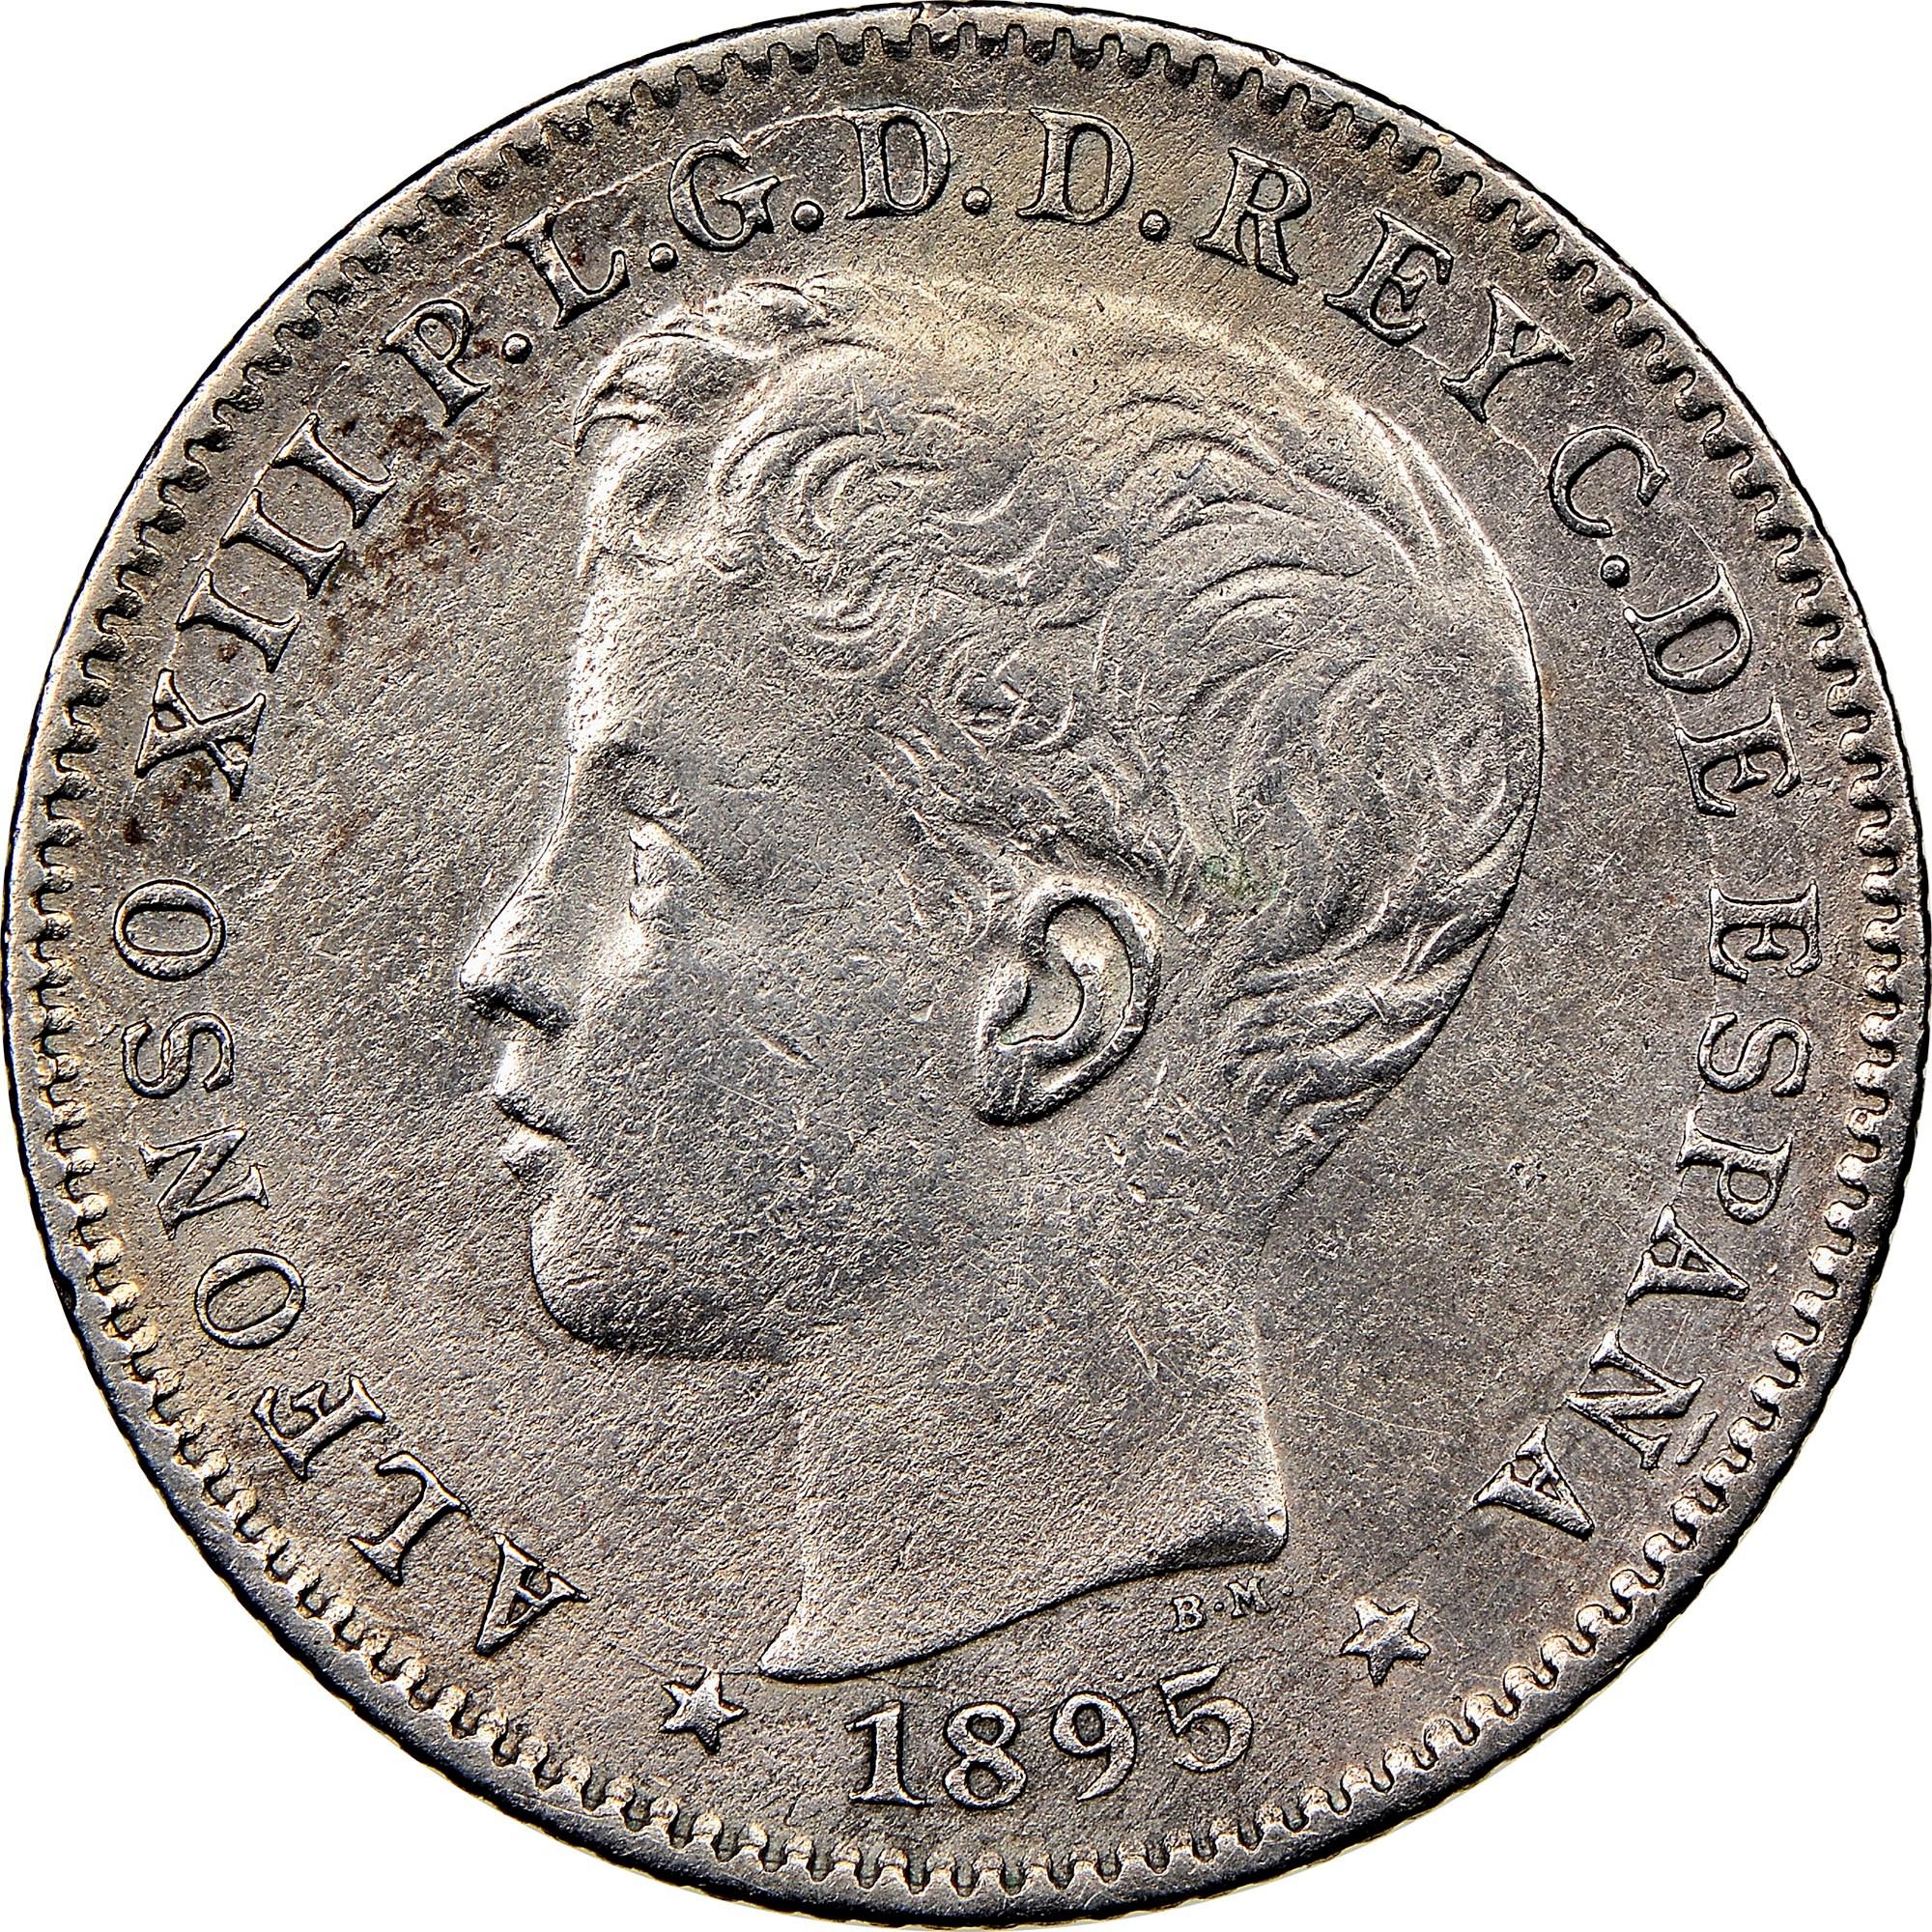 Puerto Rico 20 Centavos obverse